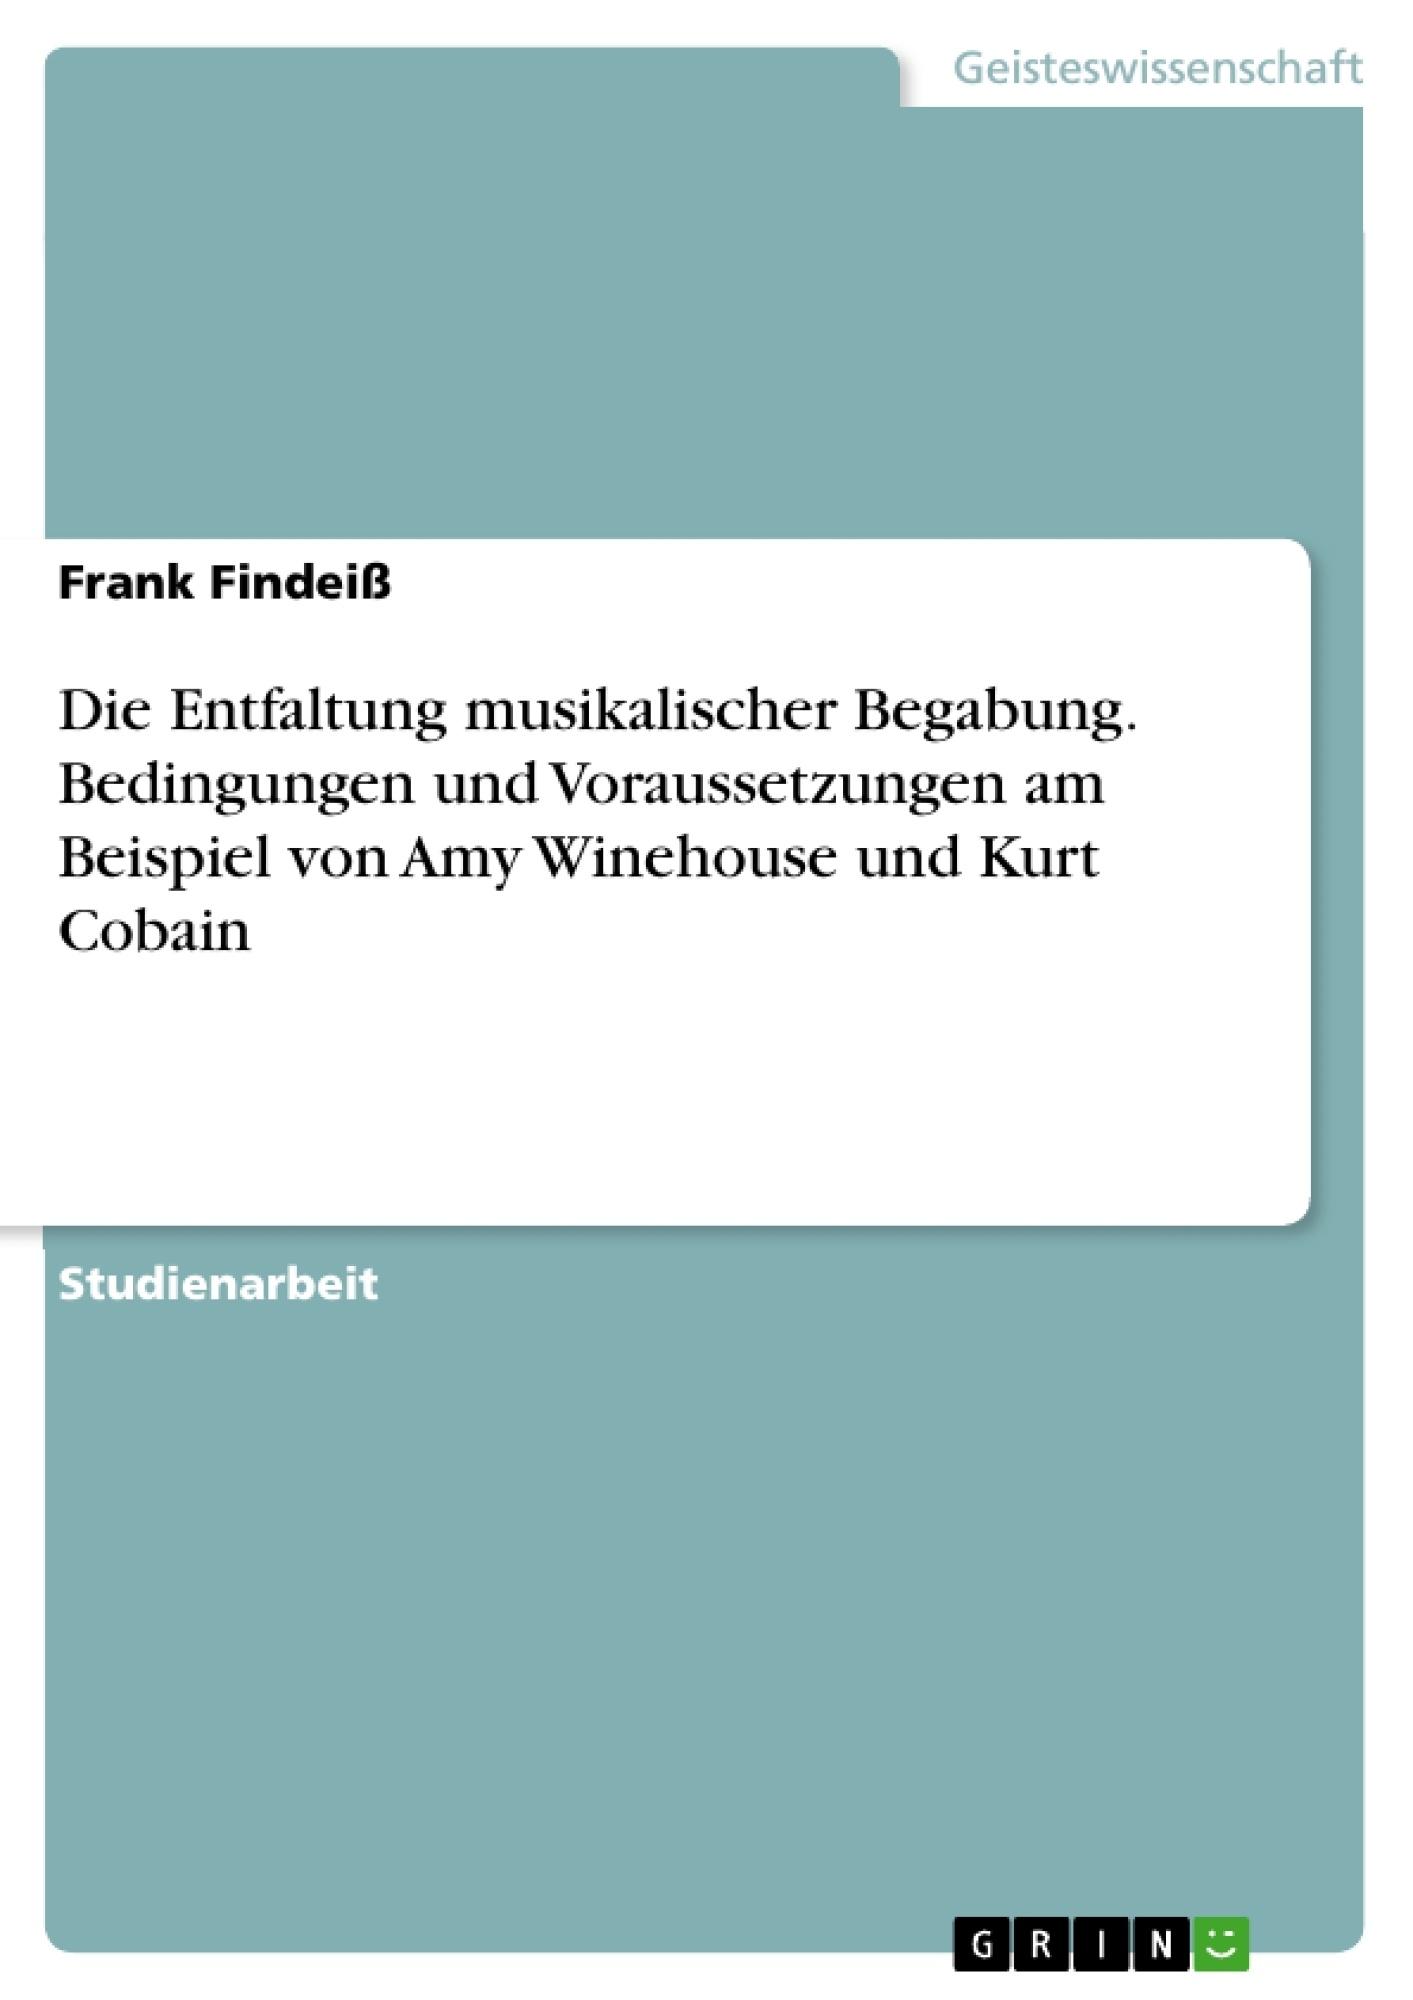 Titel: Die Entfaltung musikalischer Begabung. Bedingungen und Voraussetzungen am Beispiel von Amy Winehouse und Kurt Cobain